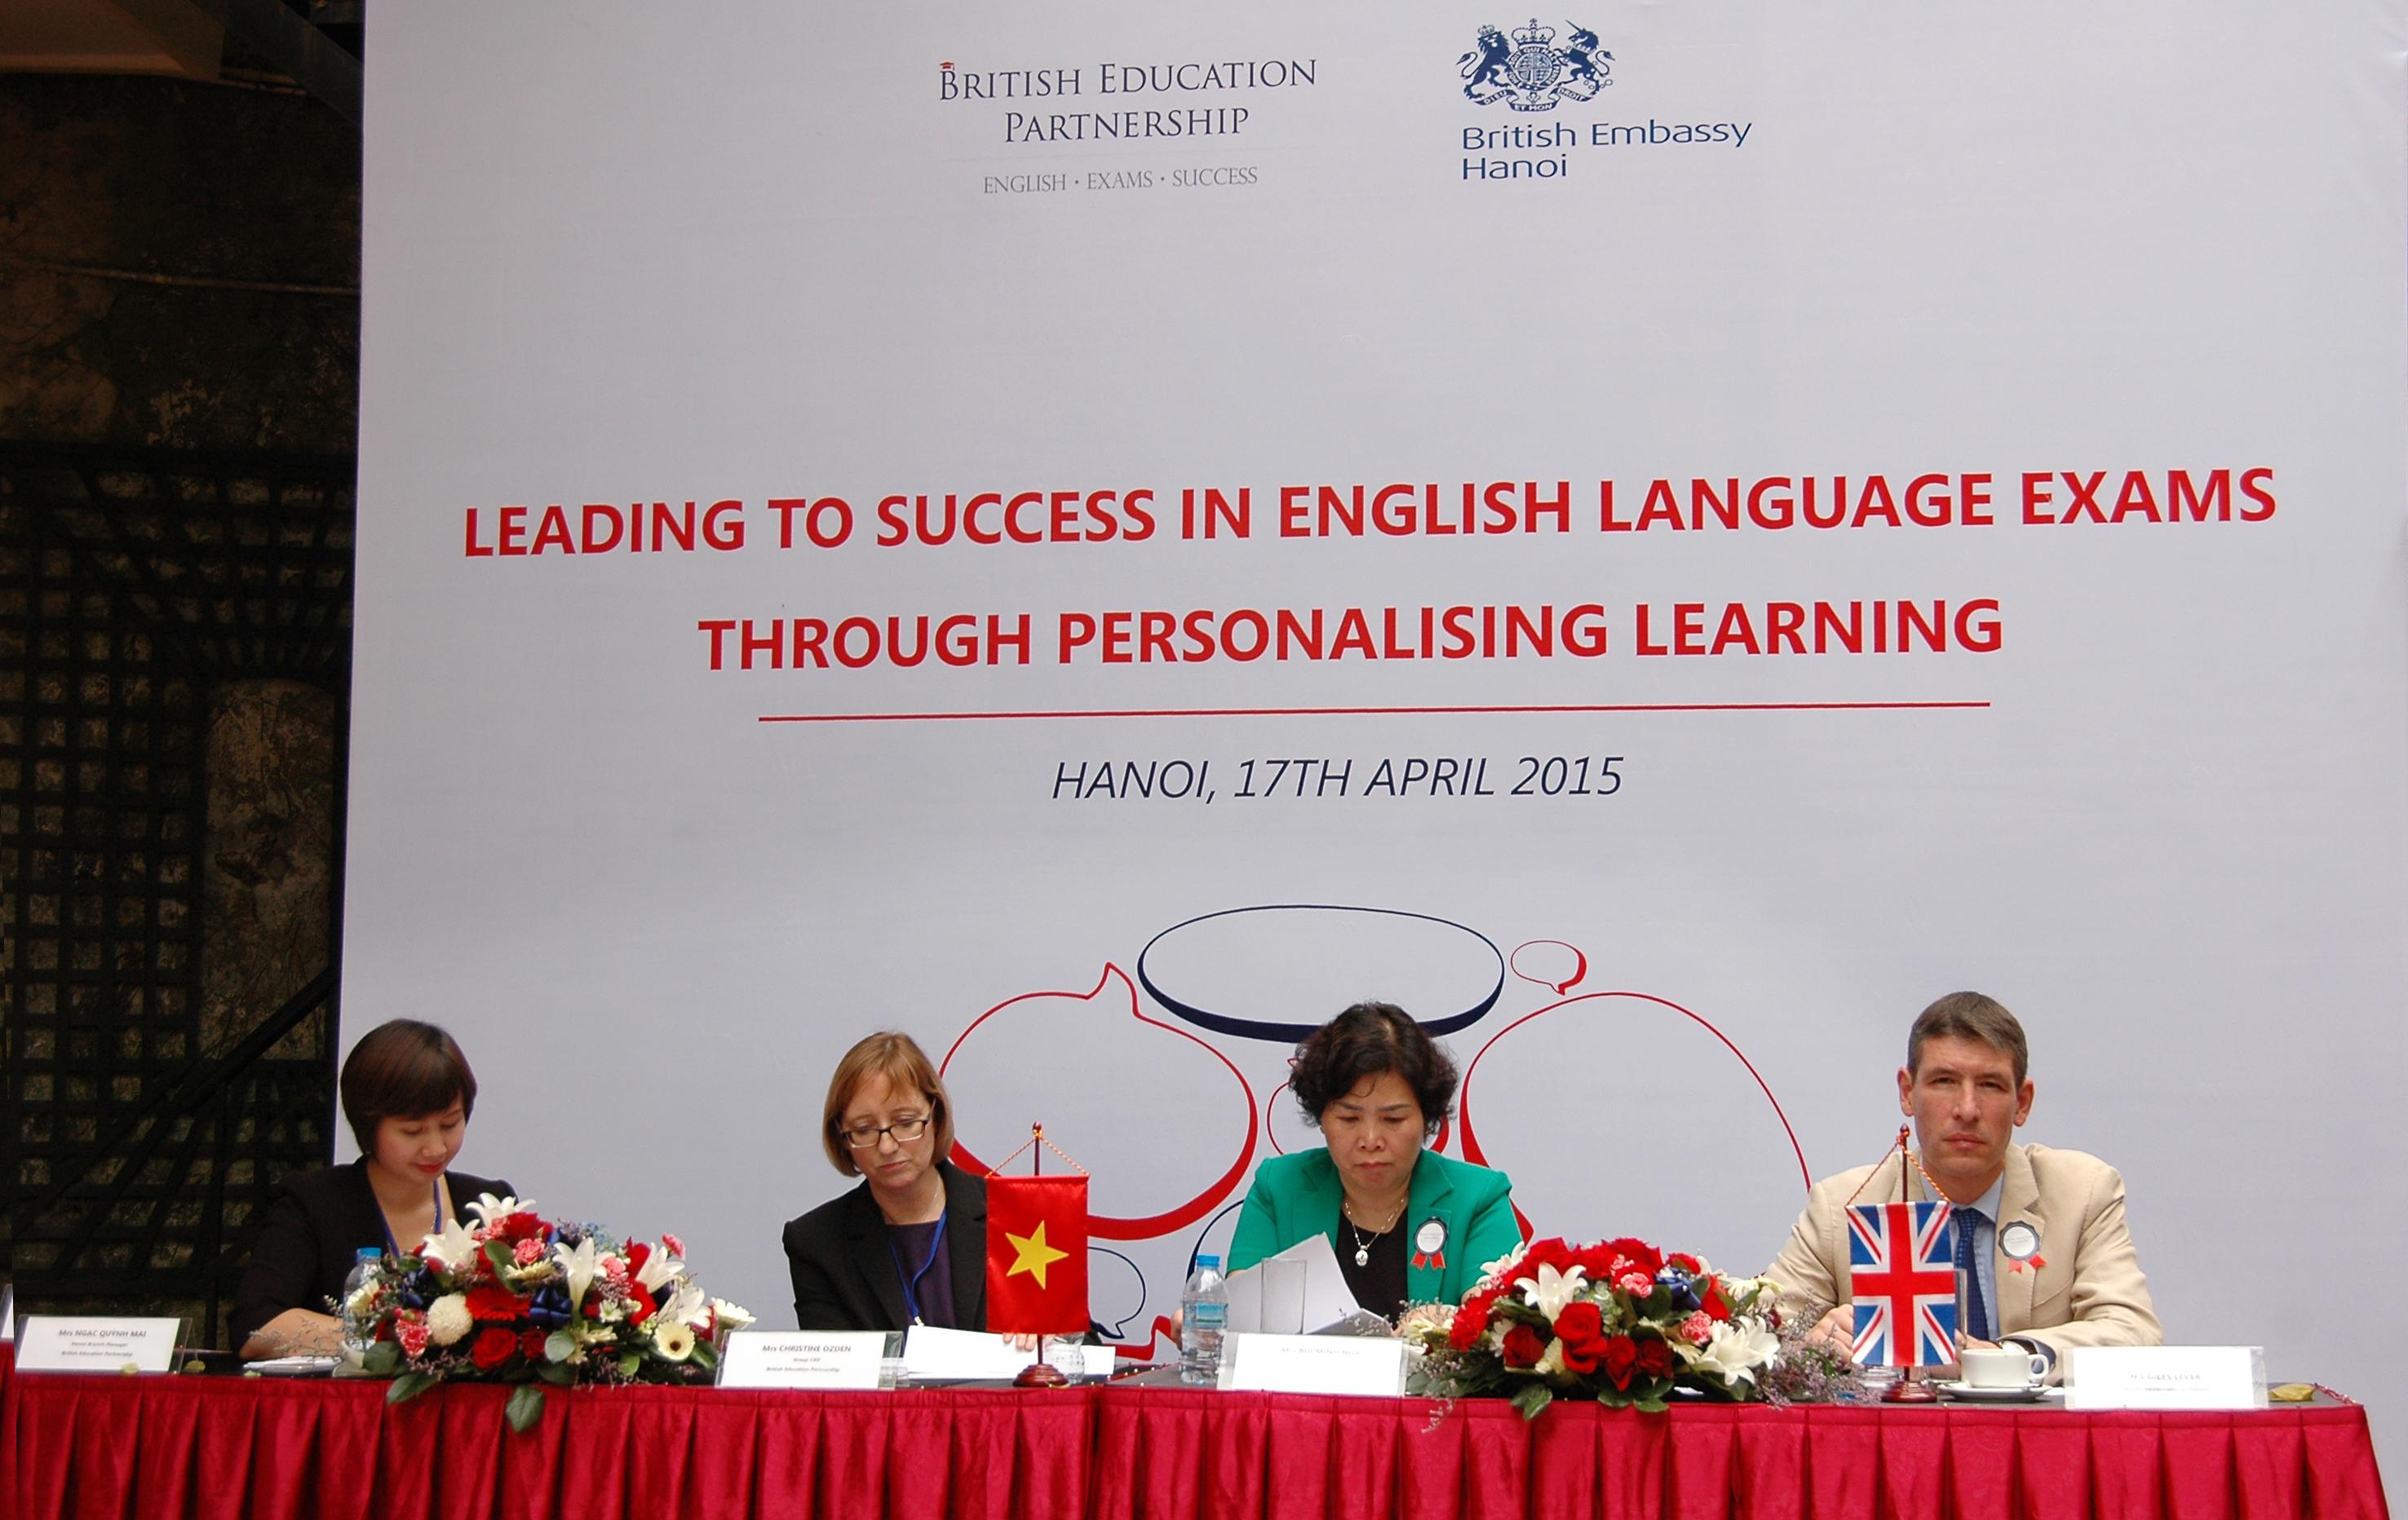 Phương pháp dạy học Tiếng Anh mới giúp học sinh đạt kết quả cao